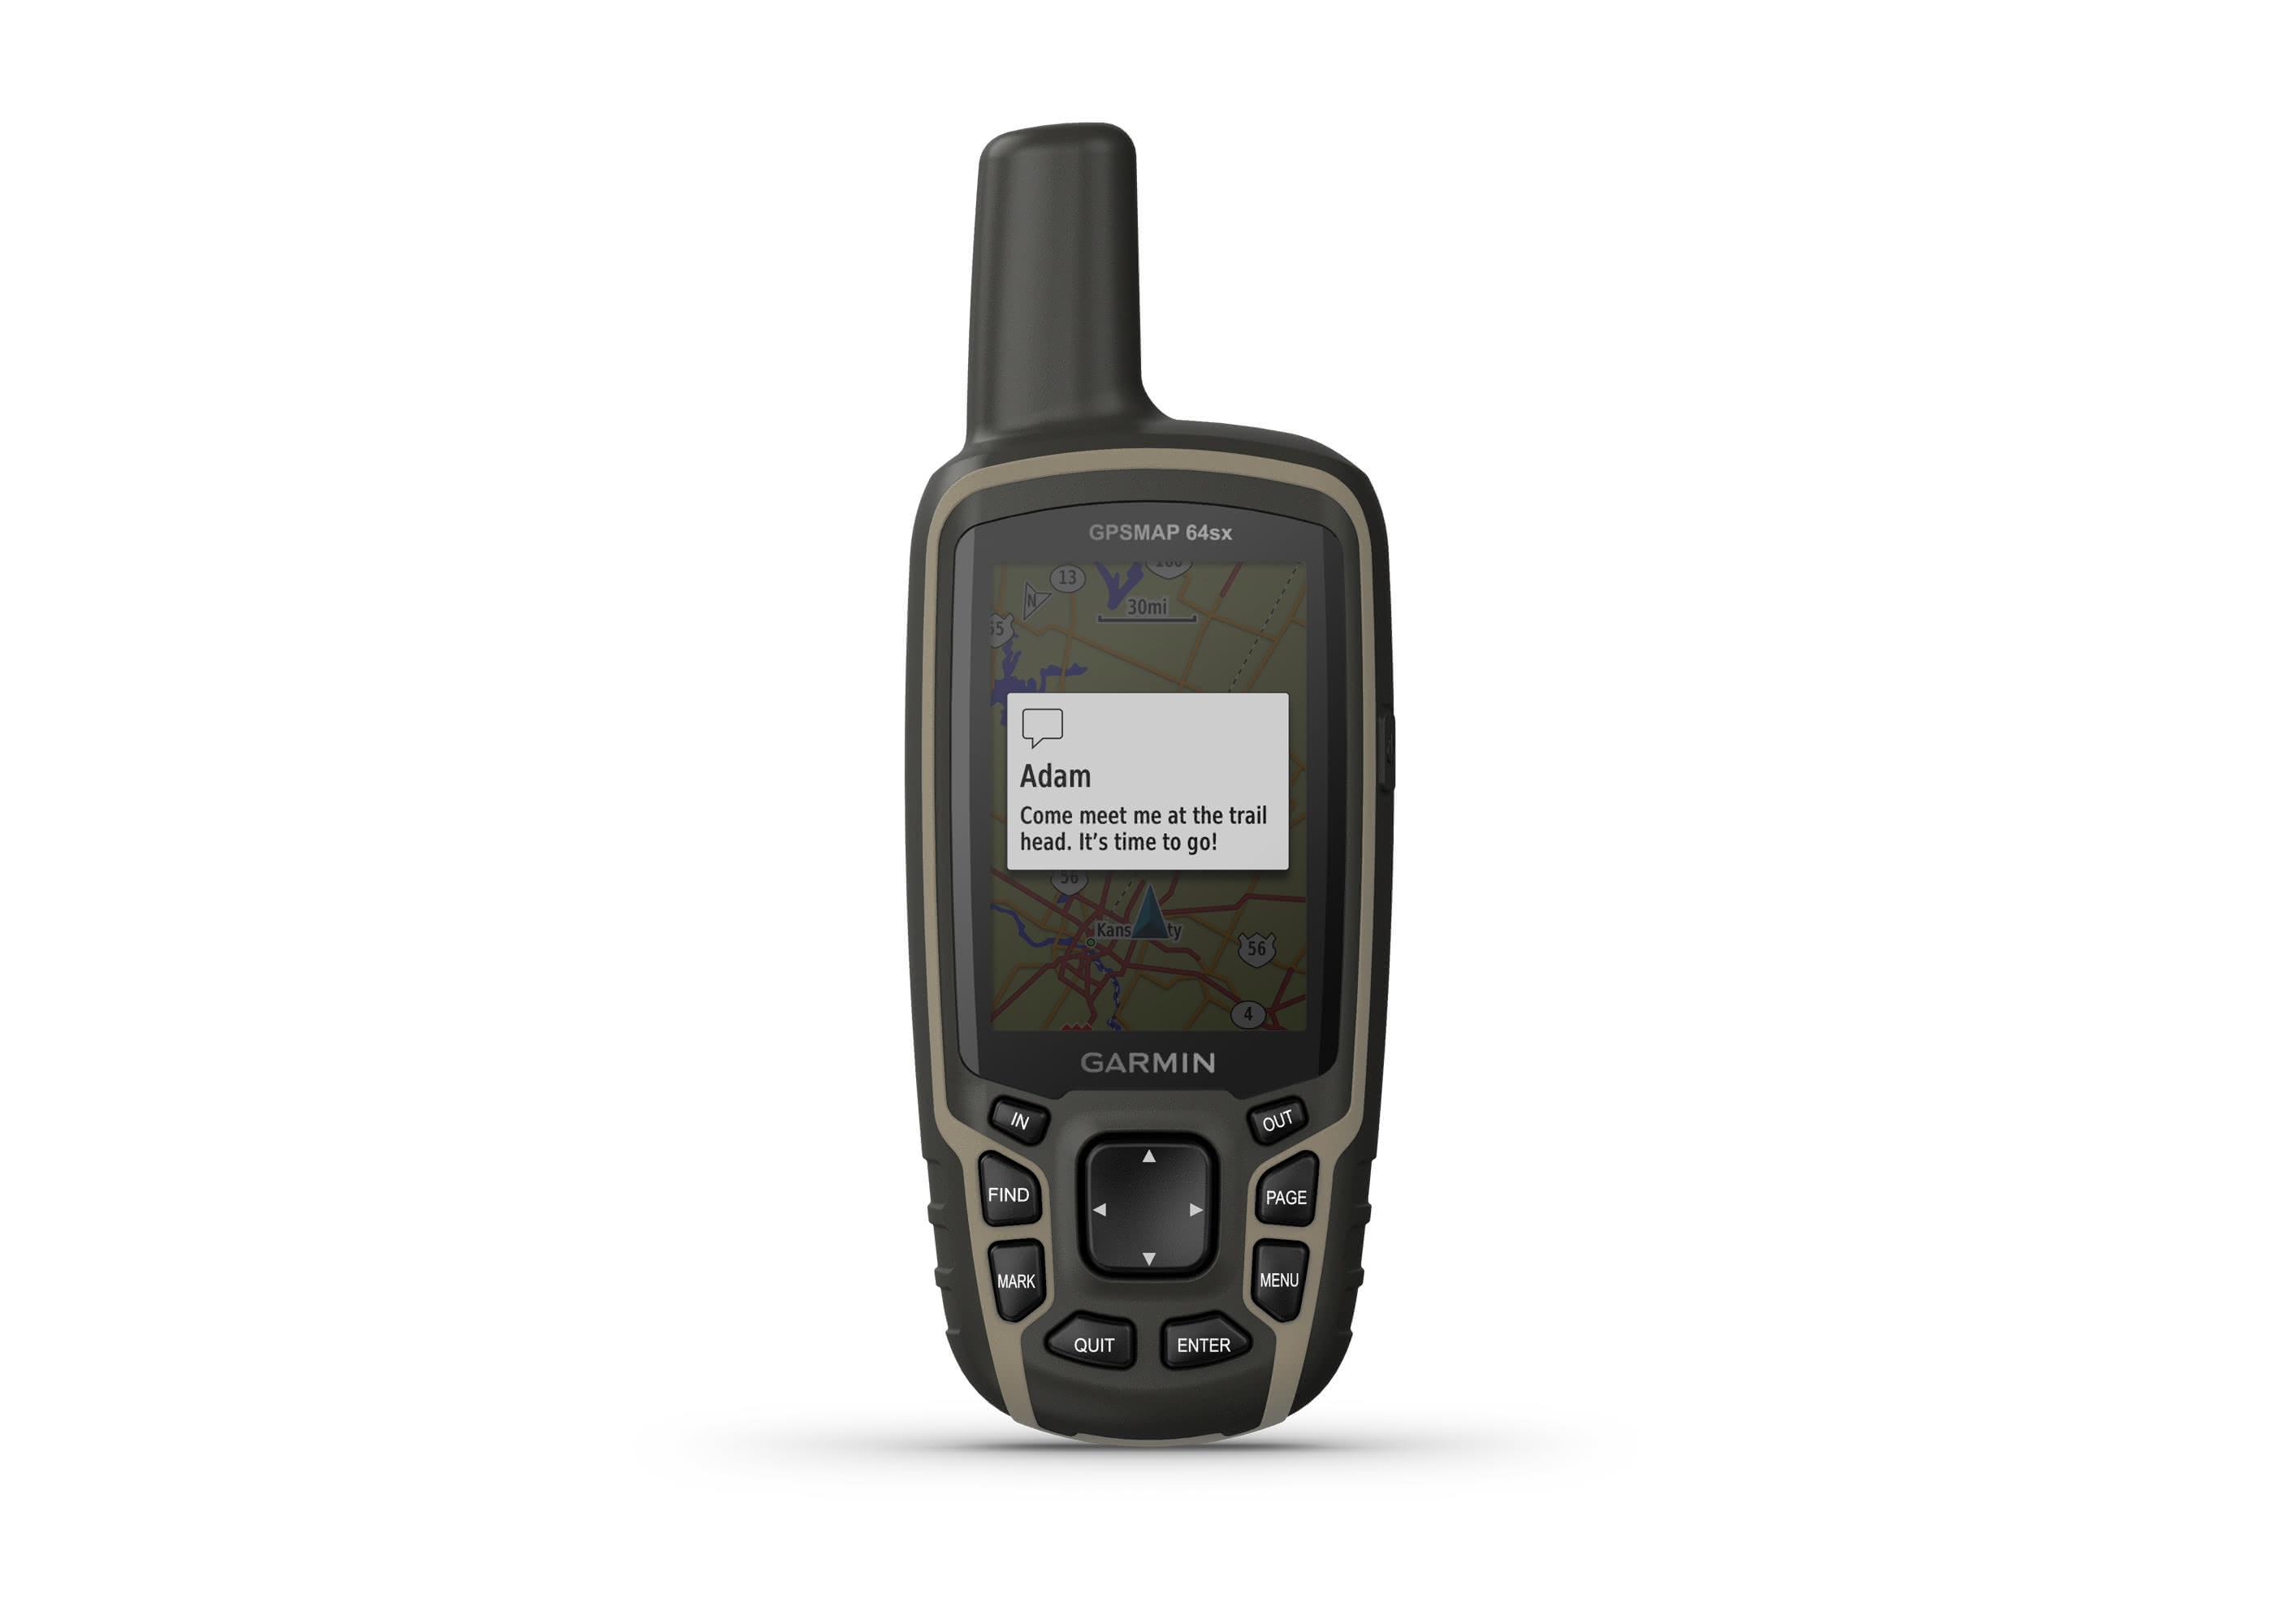 93774_GARMIN_GPSMAP_64sx_5.jpg